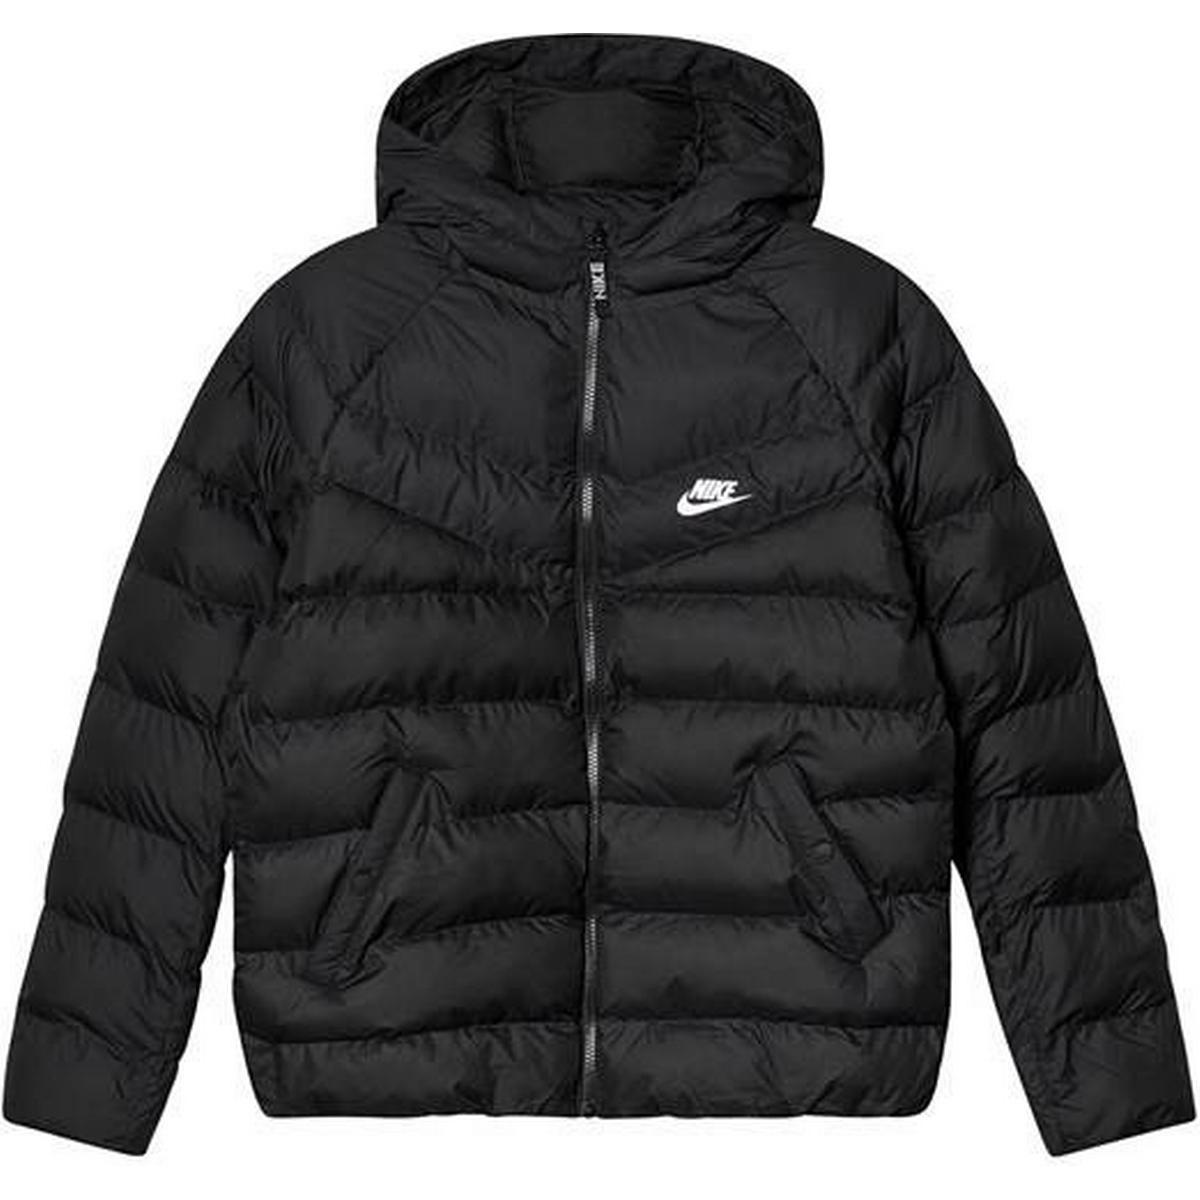 Nike Jakker Børnetøj (400+ produkter) hos PriceRunner • Se